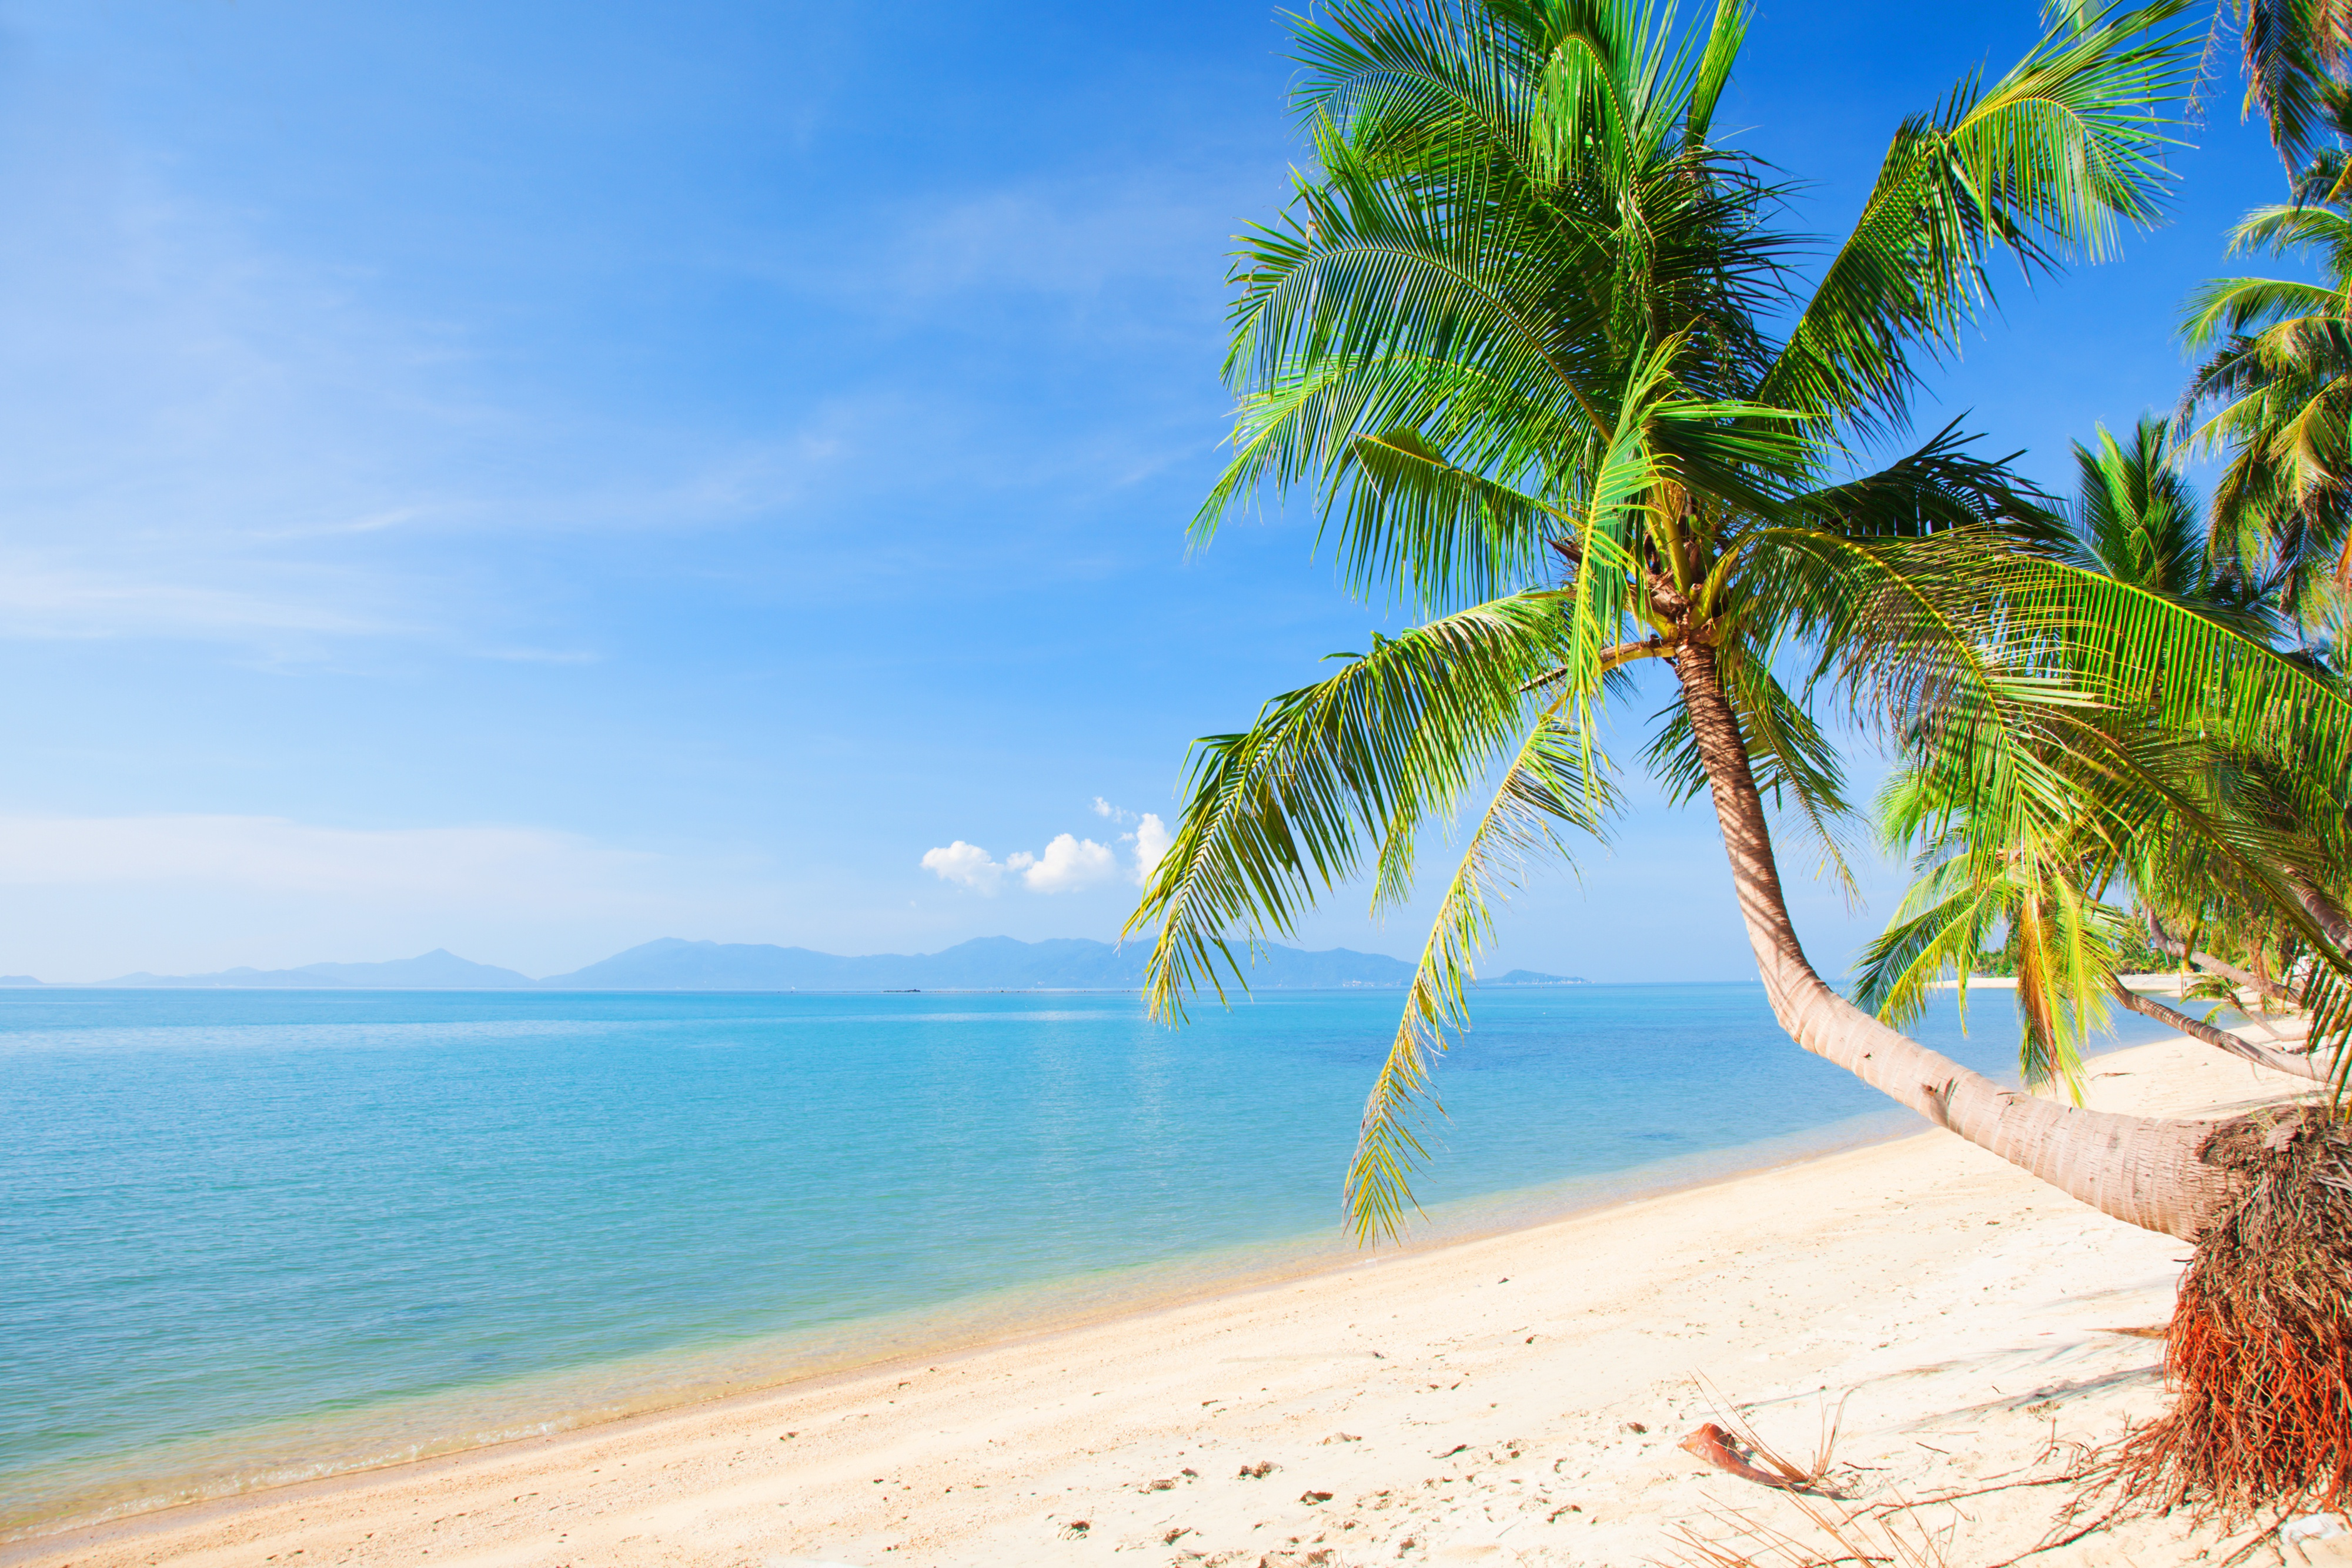 берег пальма море солнце пляж  № 3779874 бесплатно